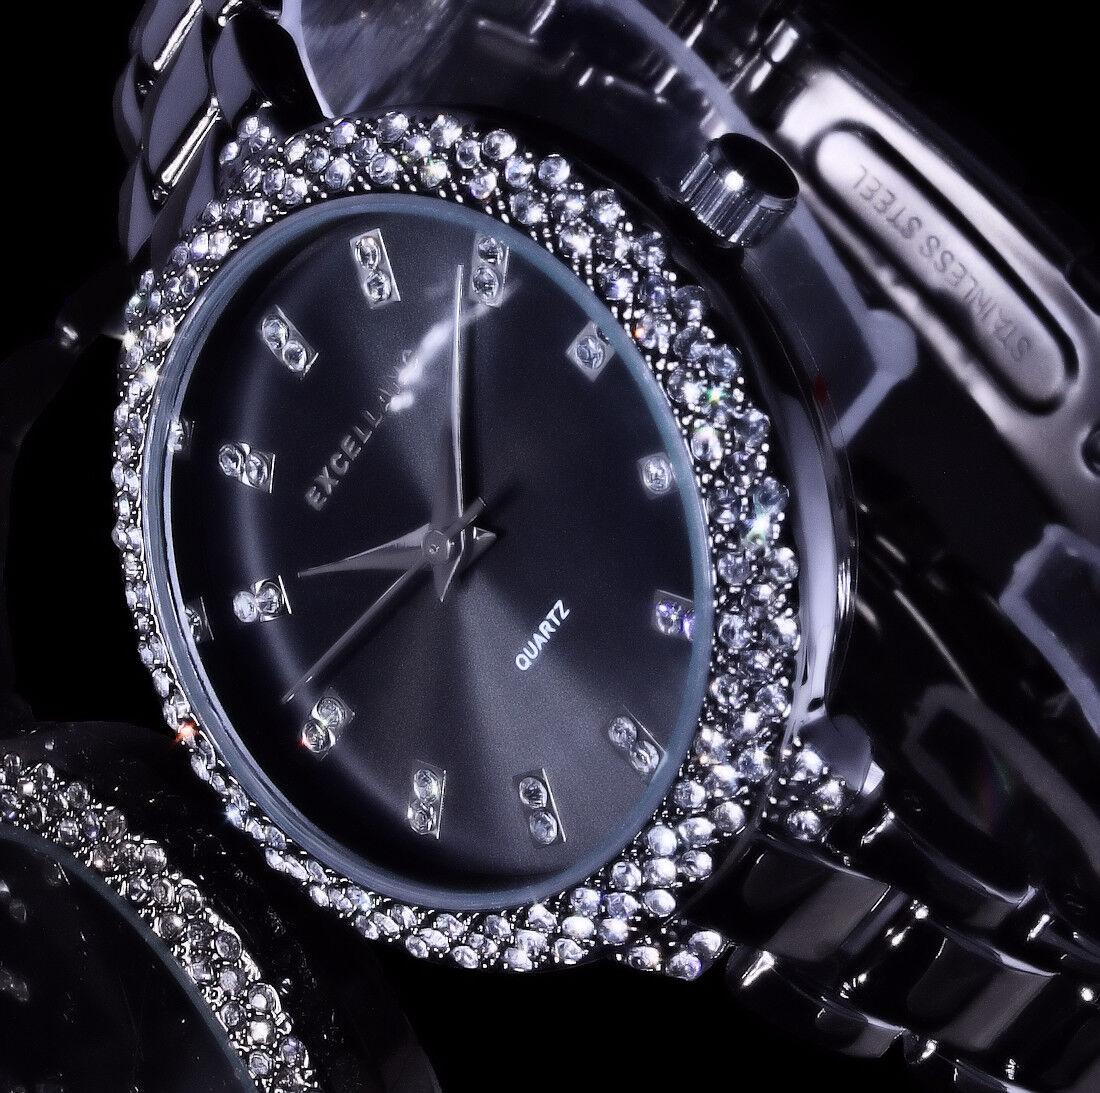 kleine Excellanc Damen Armband Uhr Schwarz Anthrazit Metall Strass